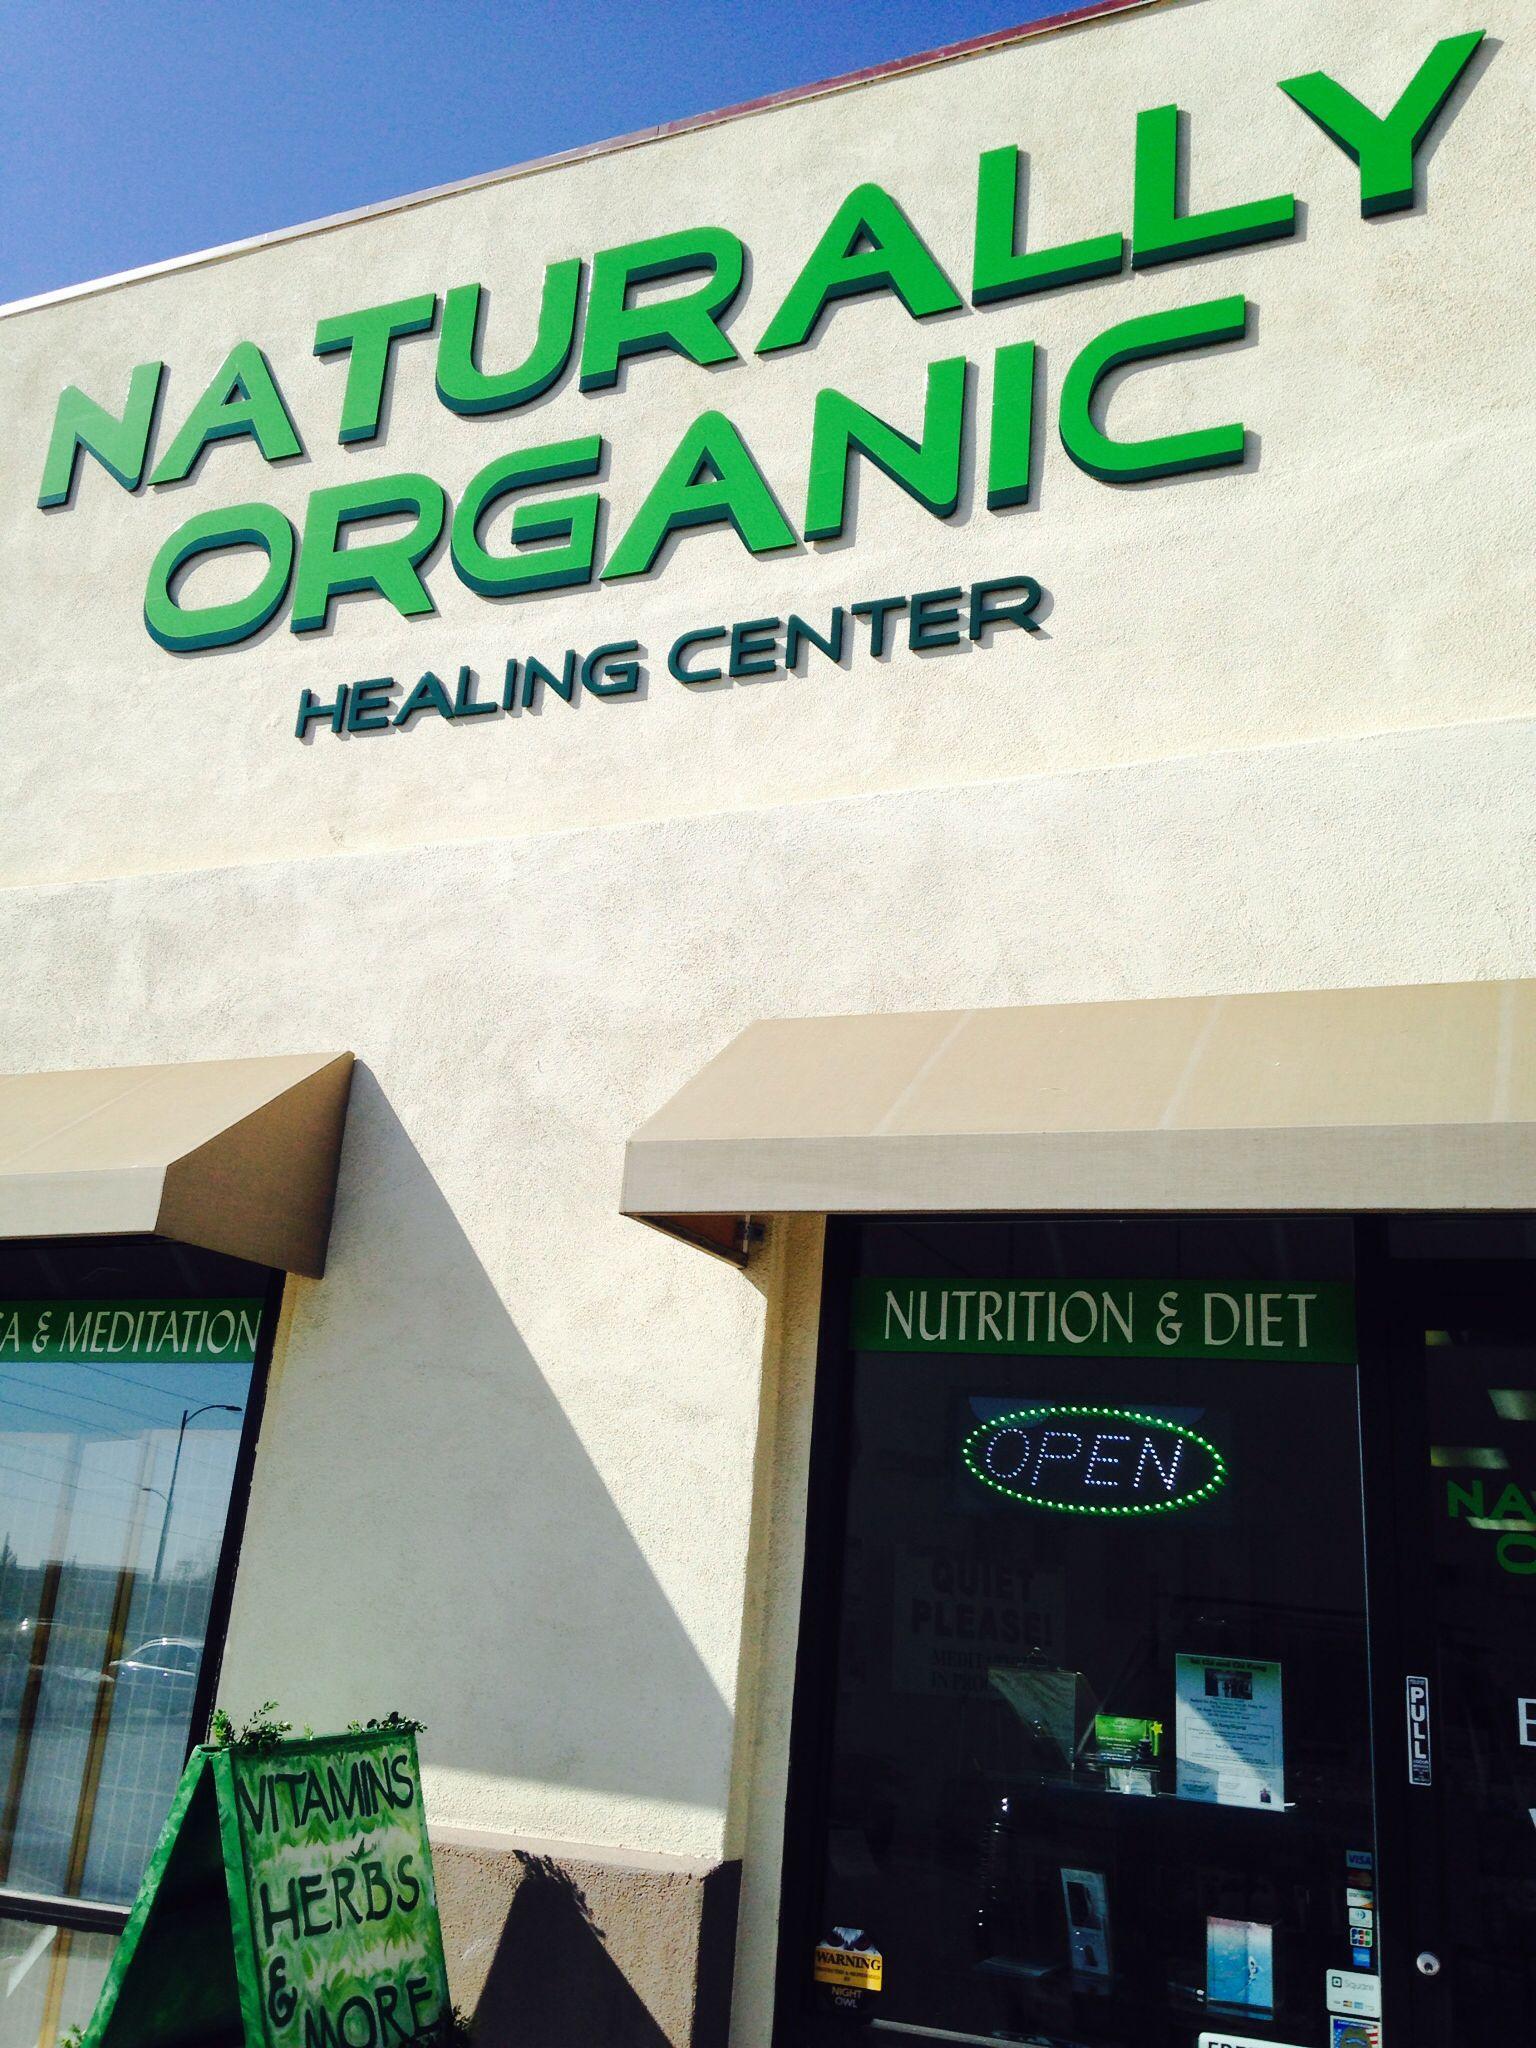 Naturally Organic Healing Center in Las Vegas, NV